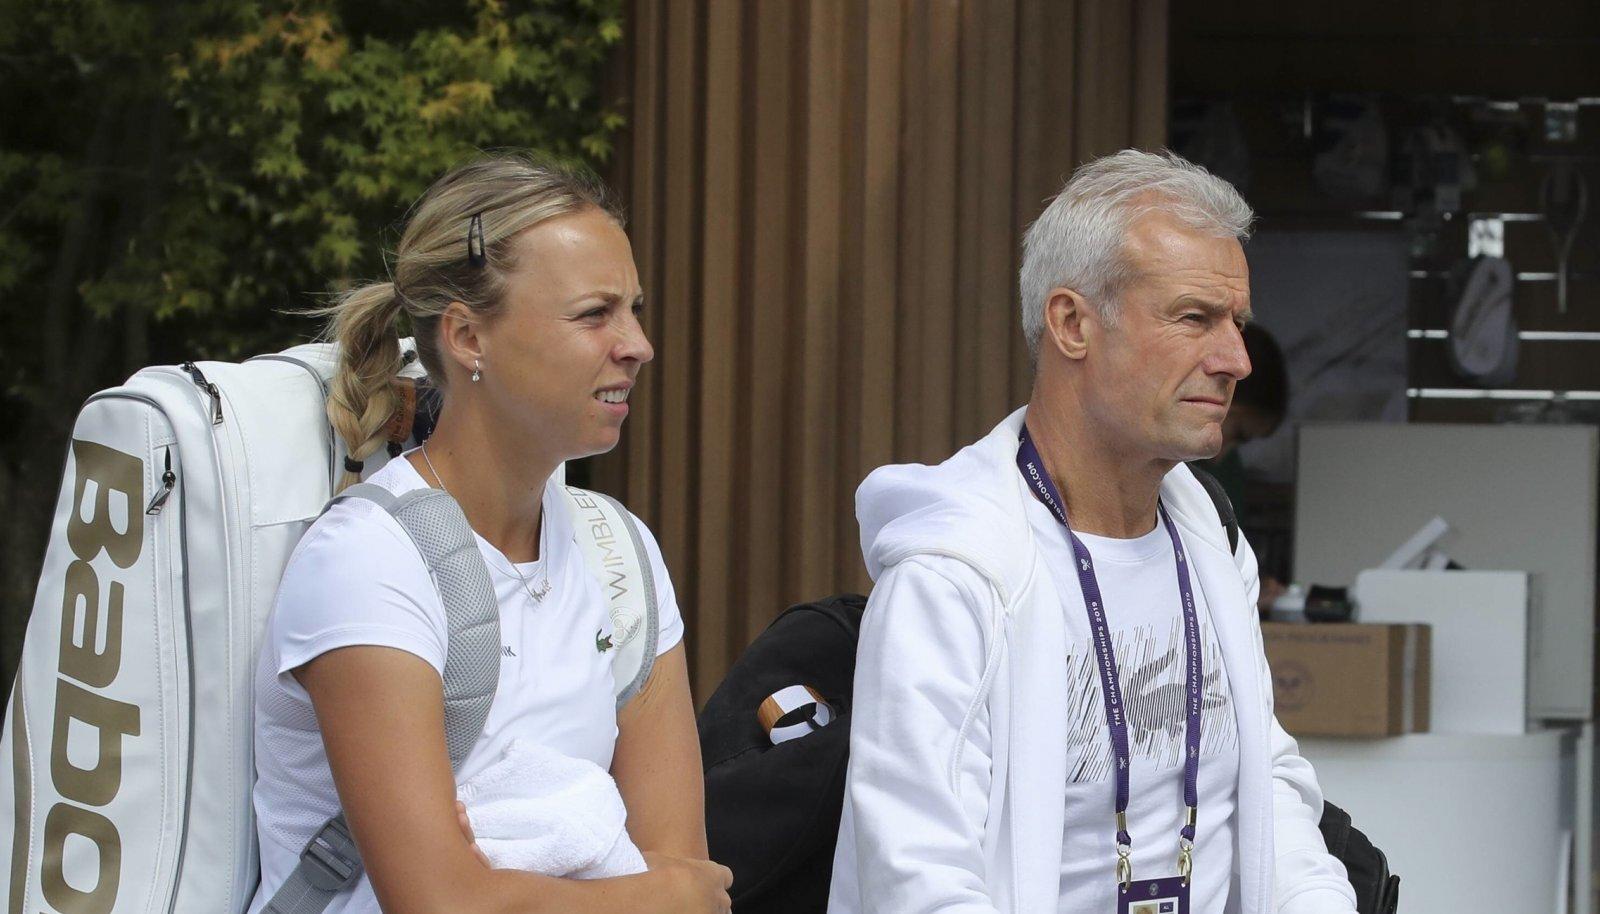 Anett Kontaveit Tennis Wimbledon 2019 Grand Slam ITF ATP Tennis Herren WTA Tennis Damen